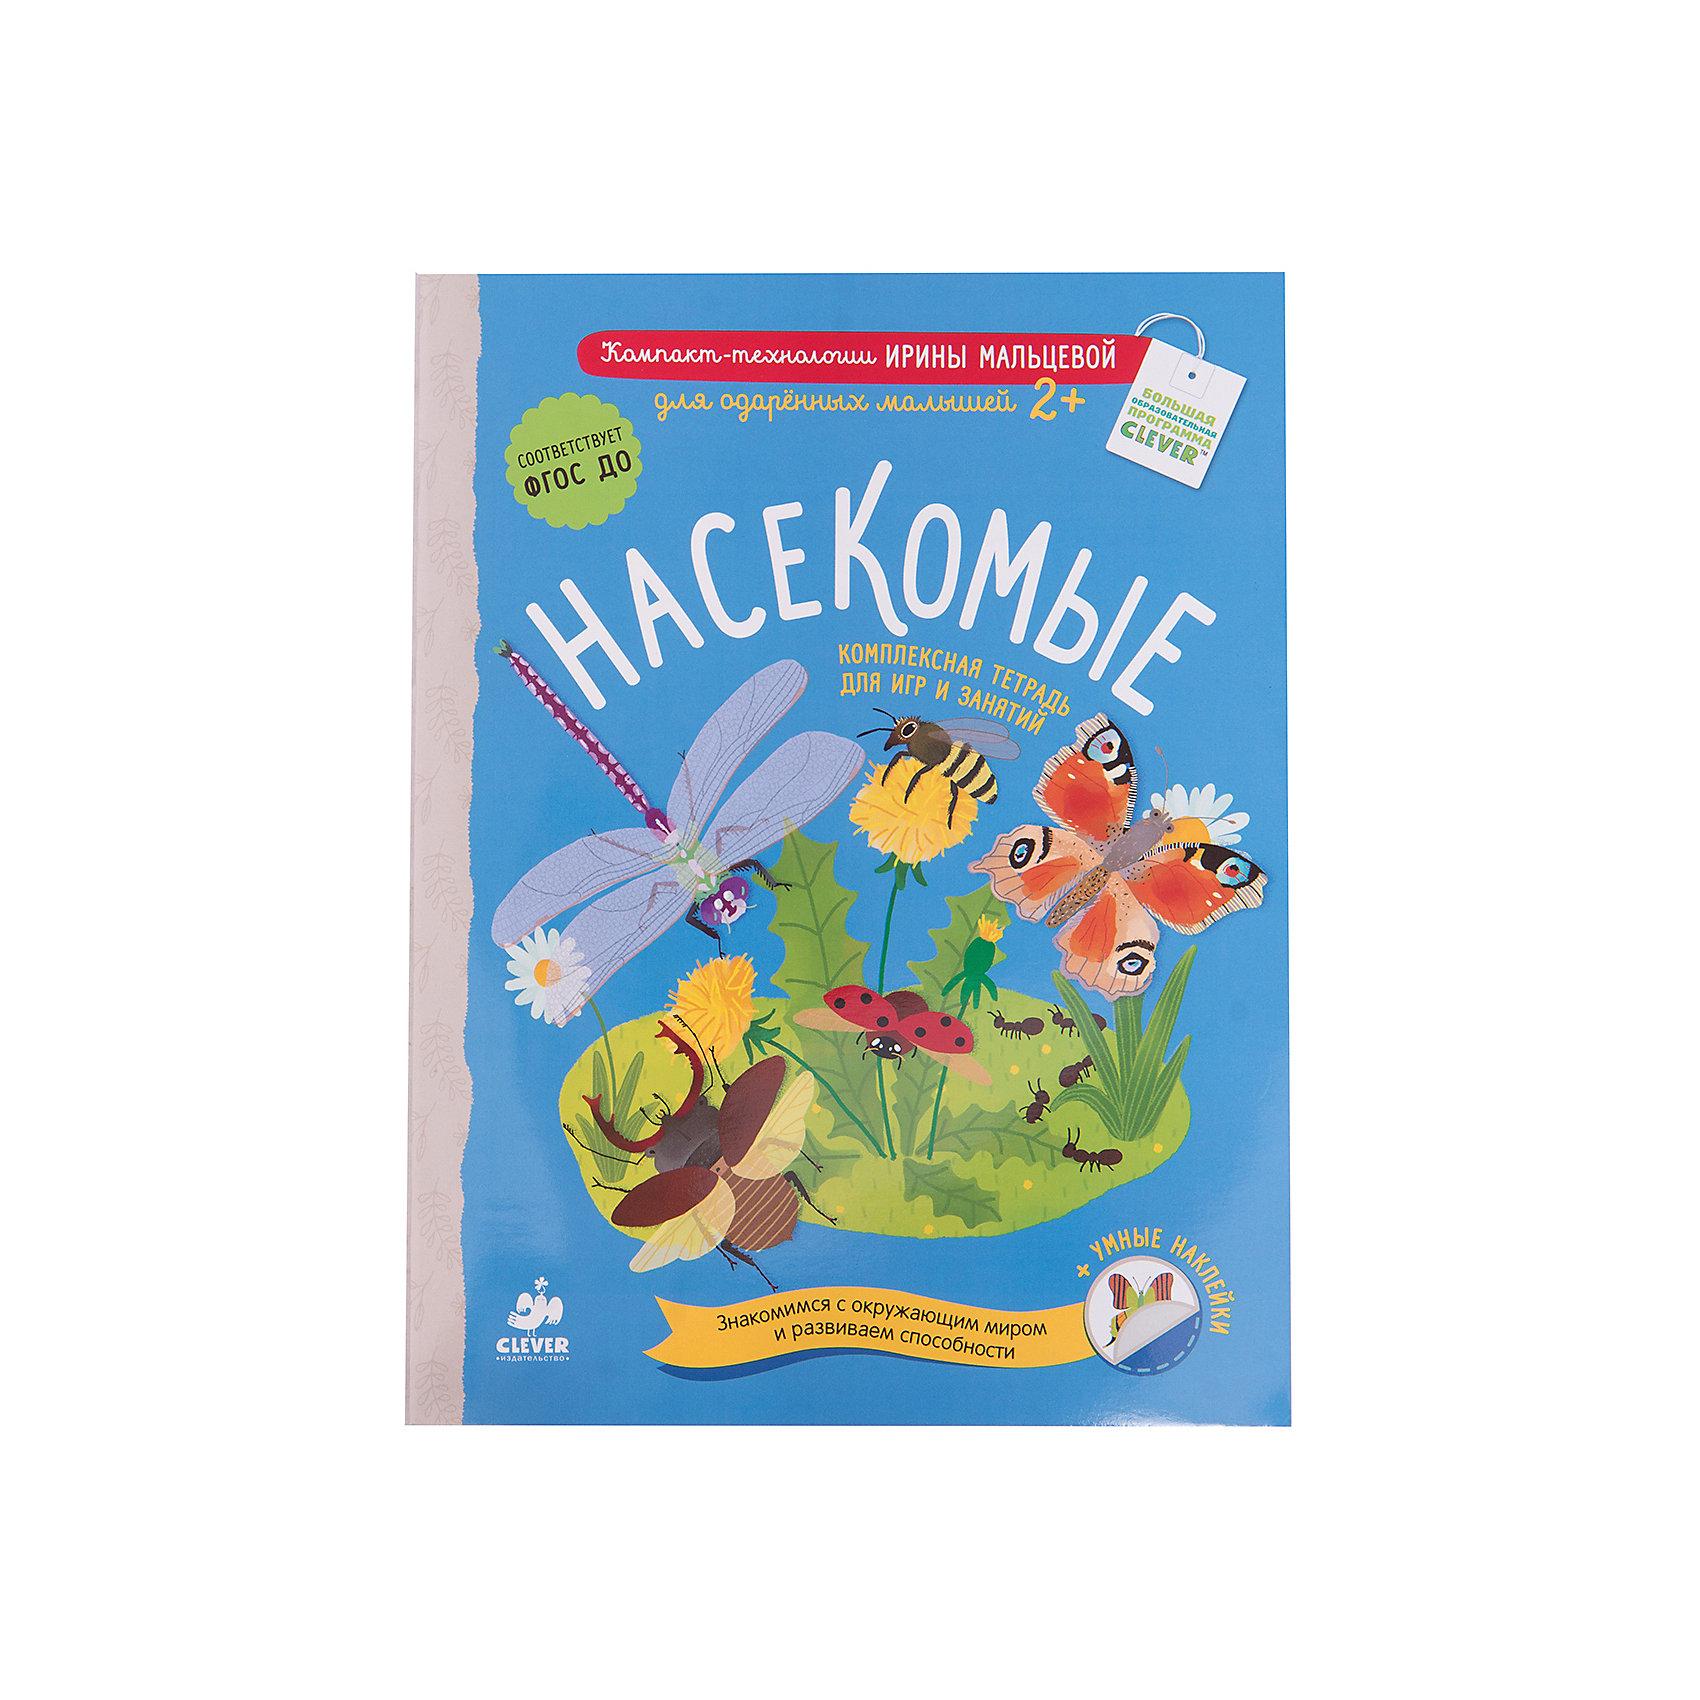 Для одарённых малышей Насекомые, И. МальцеваCLEVER (КЛЕВЕР)<br>Интеллект и словарный запас ребенка нужно развивать - и тогда он в дальнейшем сможет освоить больше полезных навыков. Сделать это занятие интересным и легким поможет данная книга.<br>В ней с помощью ярких картинок можно легко познакомить ребенка со многими видами насекомых, дать ему поток новых слов и выражений. В ней - множество увлекательных заданий, с помощью которых ребенок сможет учится считать, рассуждать, сравнивать, анализировать, обобщать, развивать речь, внимание, логику и мелкую моторику, знакомиться с формами. Также малышам очень нравятся задания с наклейками, которые идут в комплекте.<br><br>Дополнительная информация:<br><br>размер: 22 x 29 см;<br>страниц: 32;<br>мягкая обложка.<br><br>Книгу Для одарённых малышей Насекомые, И. Мальцева И. можно купить в нашем интернет-магазине.<br><br>Ширина мм: 290<br>Глубина мм: 220<br>Высота мм: 5<br>Вес г: 120<br>Возраст от месяцев: 0<br>Возраст до месяцев: 36<br>Пол: Унисекс<br>Возраст: Детский<br>SKU: 4976139